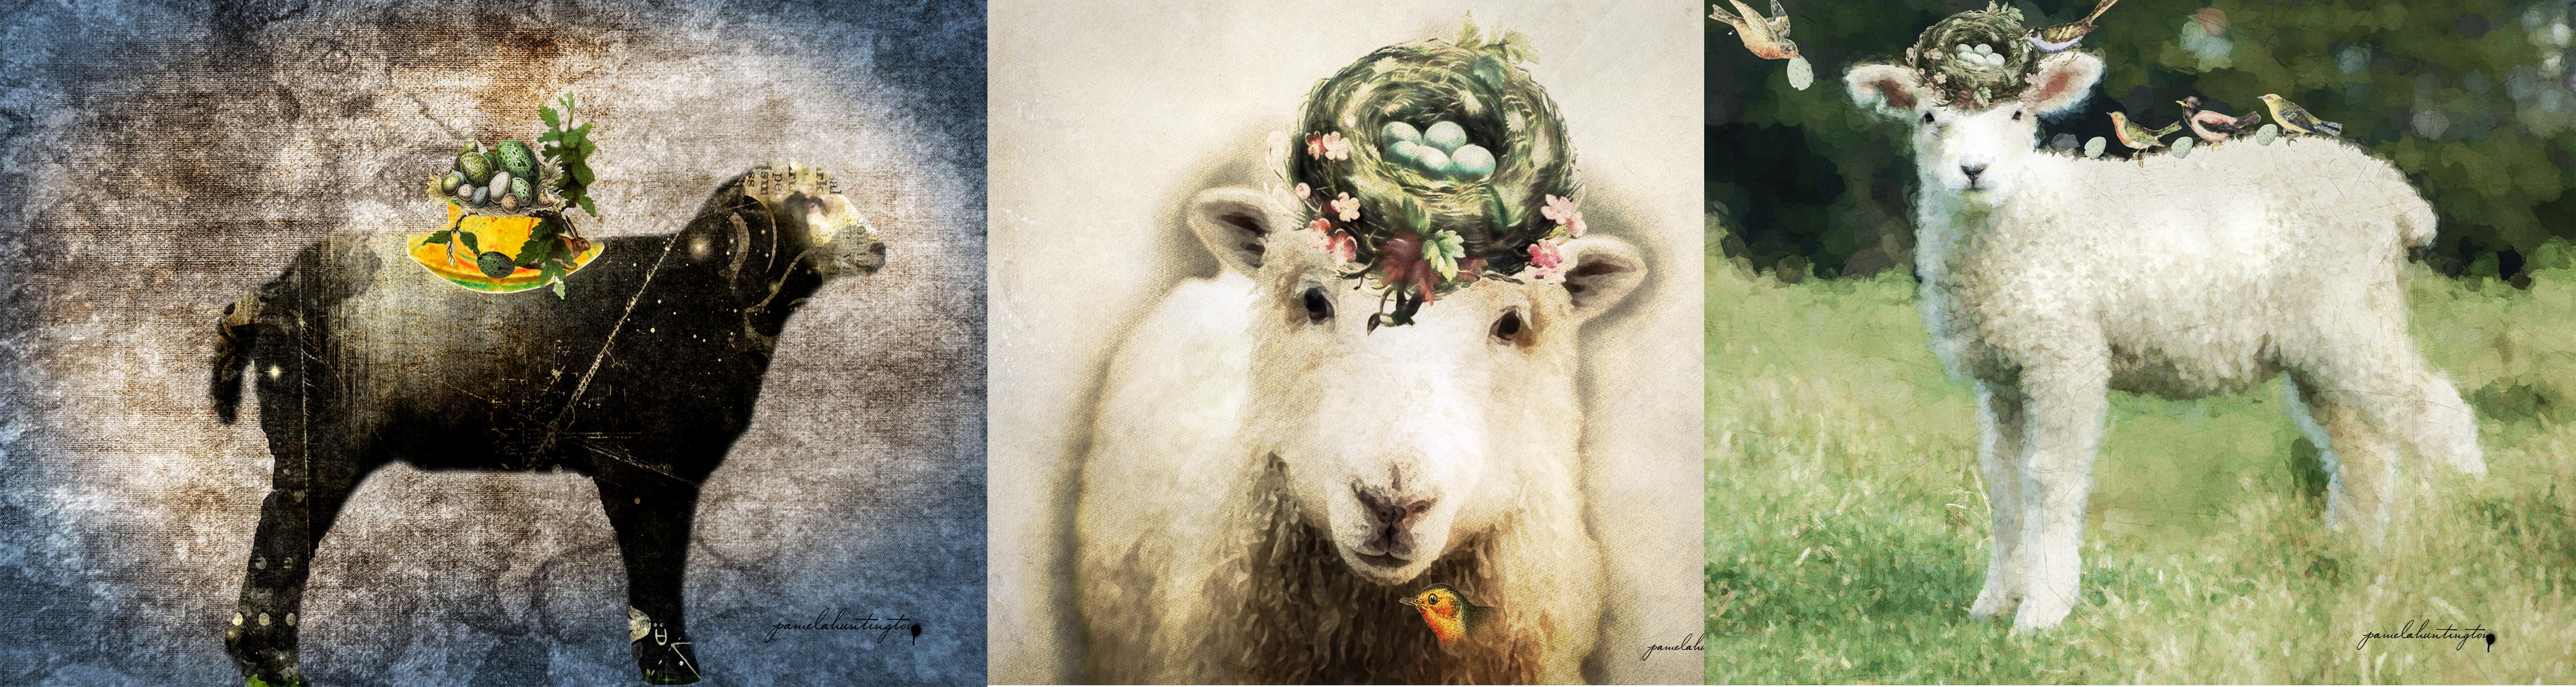 Lamb series